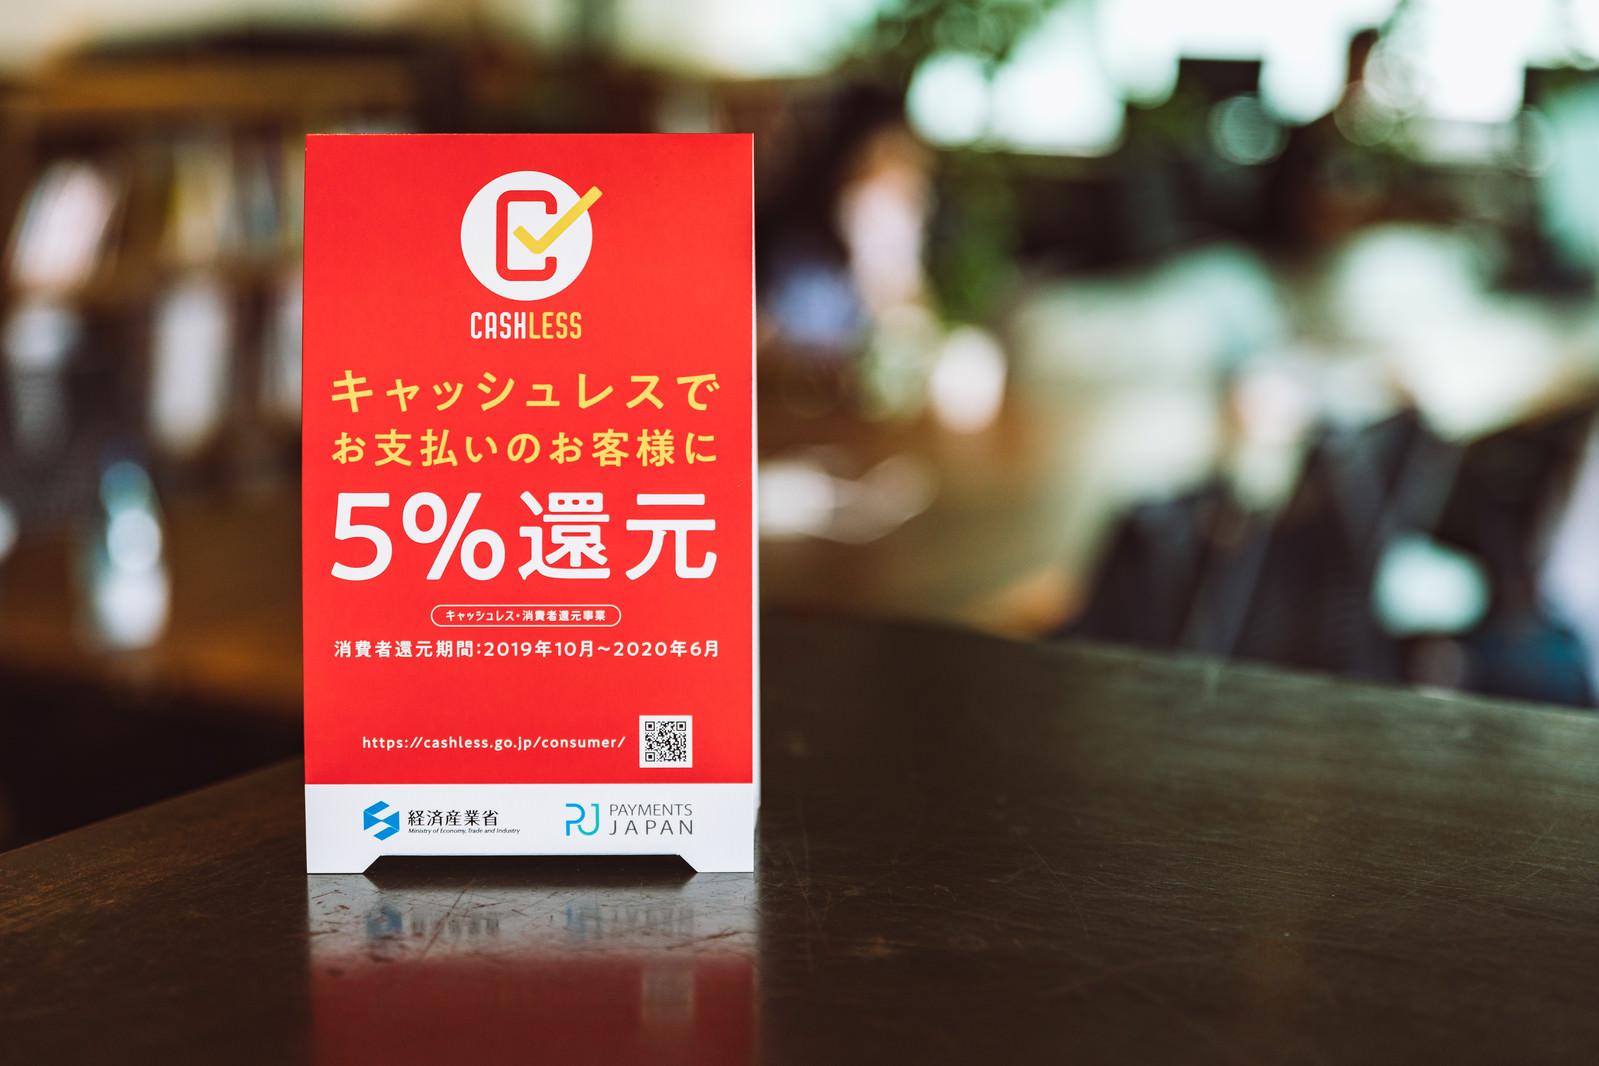 「キャッシュレスでお支払いのお客様に5%還元」の写真